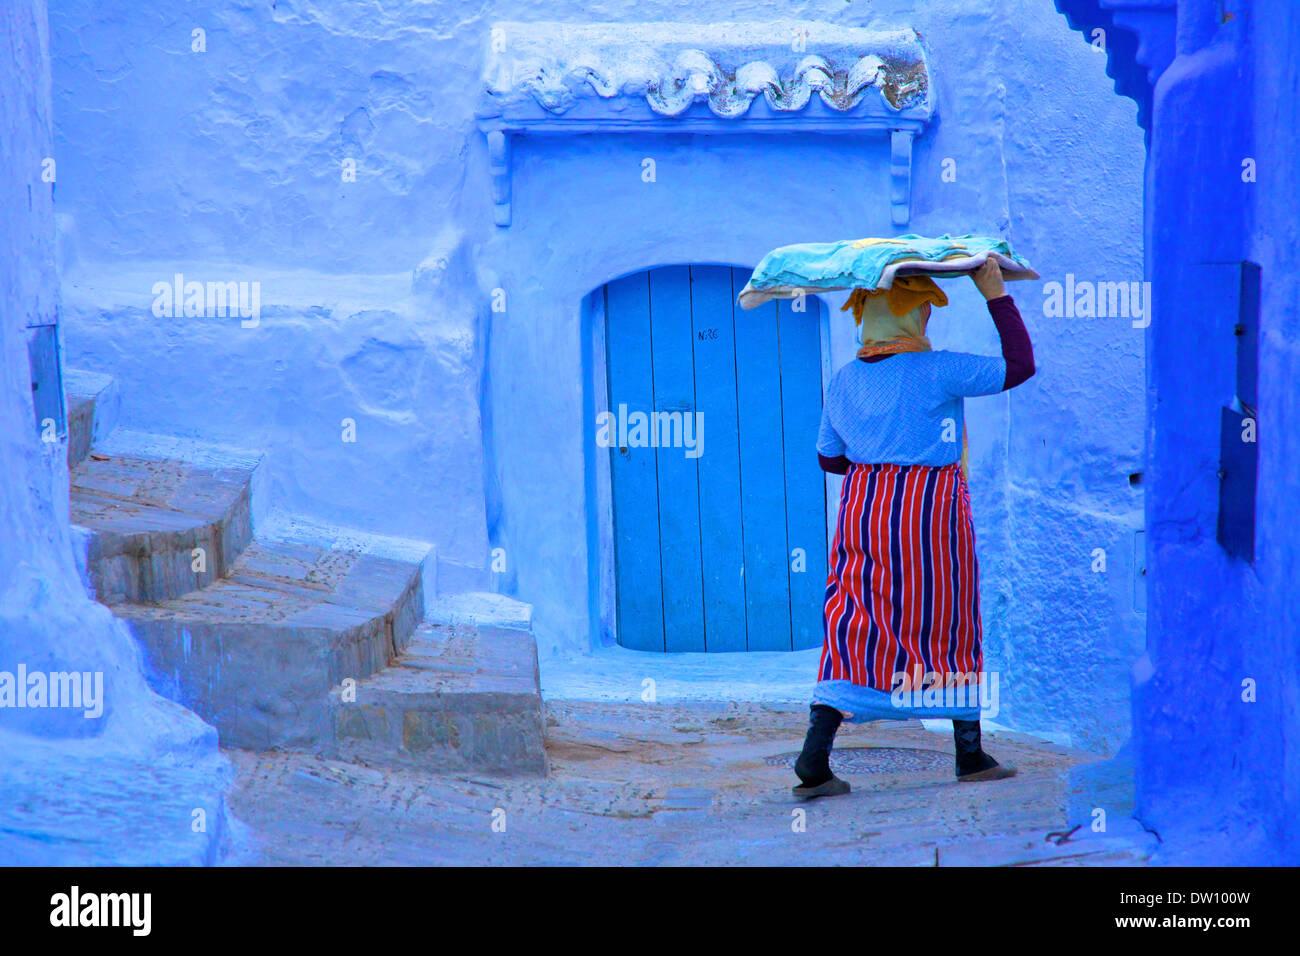 Donna in abiti tradizionali portando un vassoio di pasta di pane, Chefchaouen, Marocco, Africa del Nord Immagini Stock